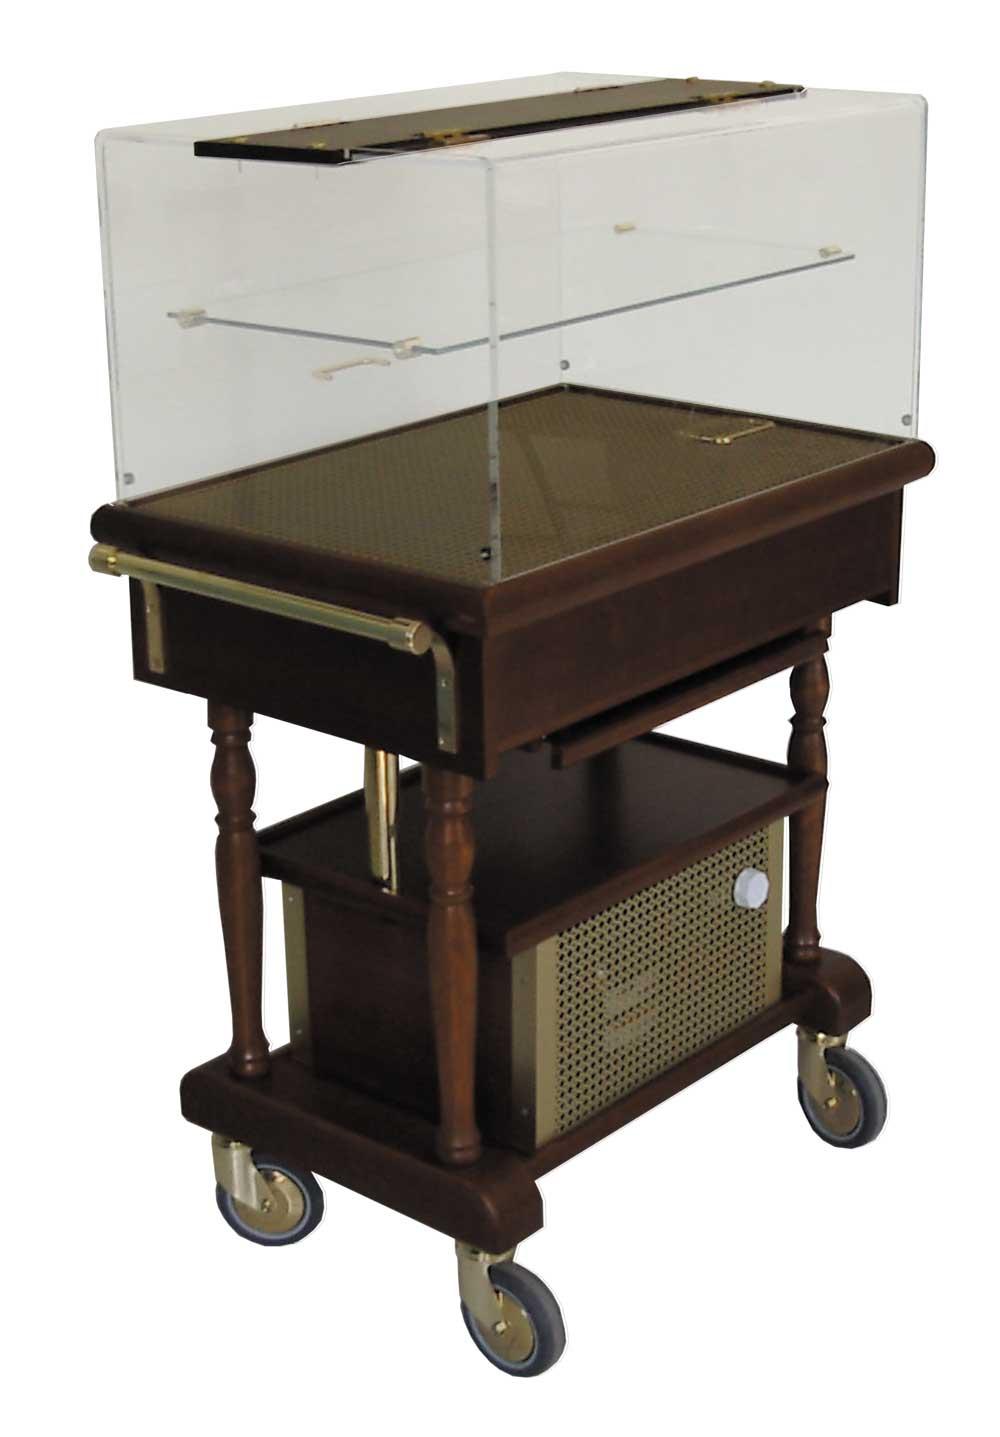 Table réfrigérée par compresseur PROMETHEE avec étagère